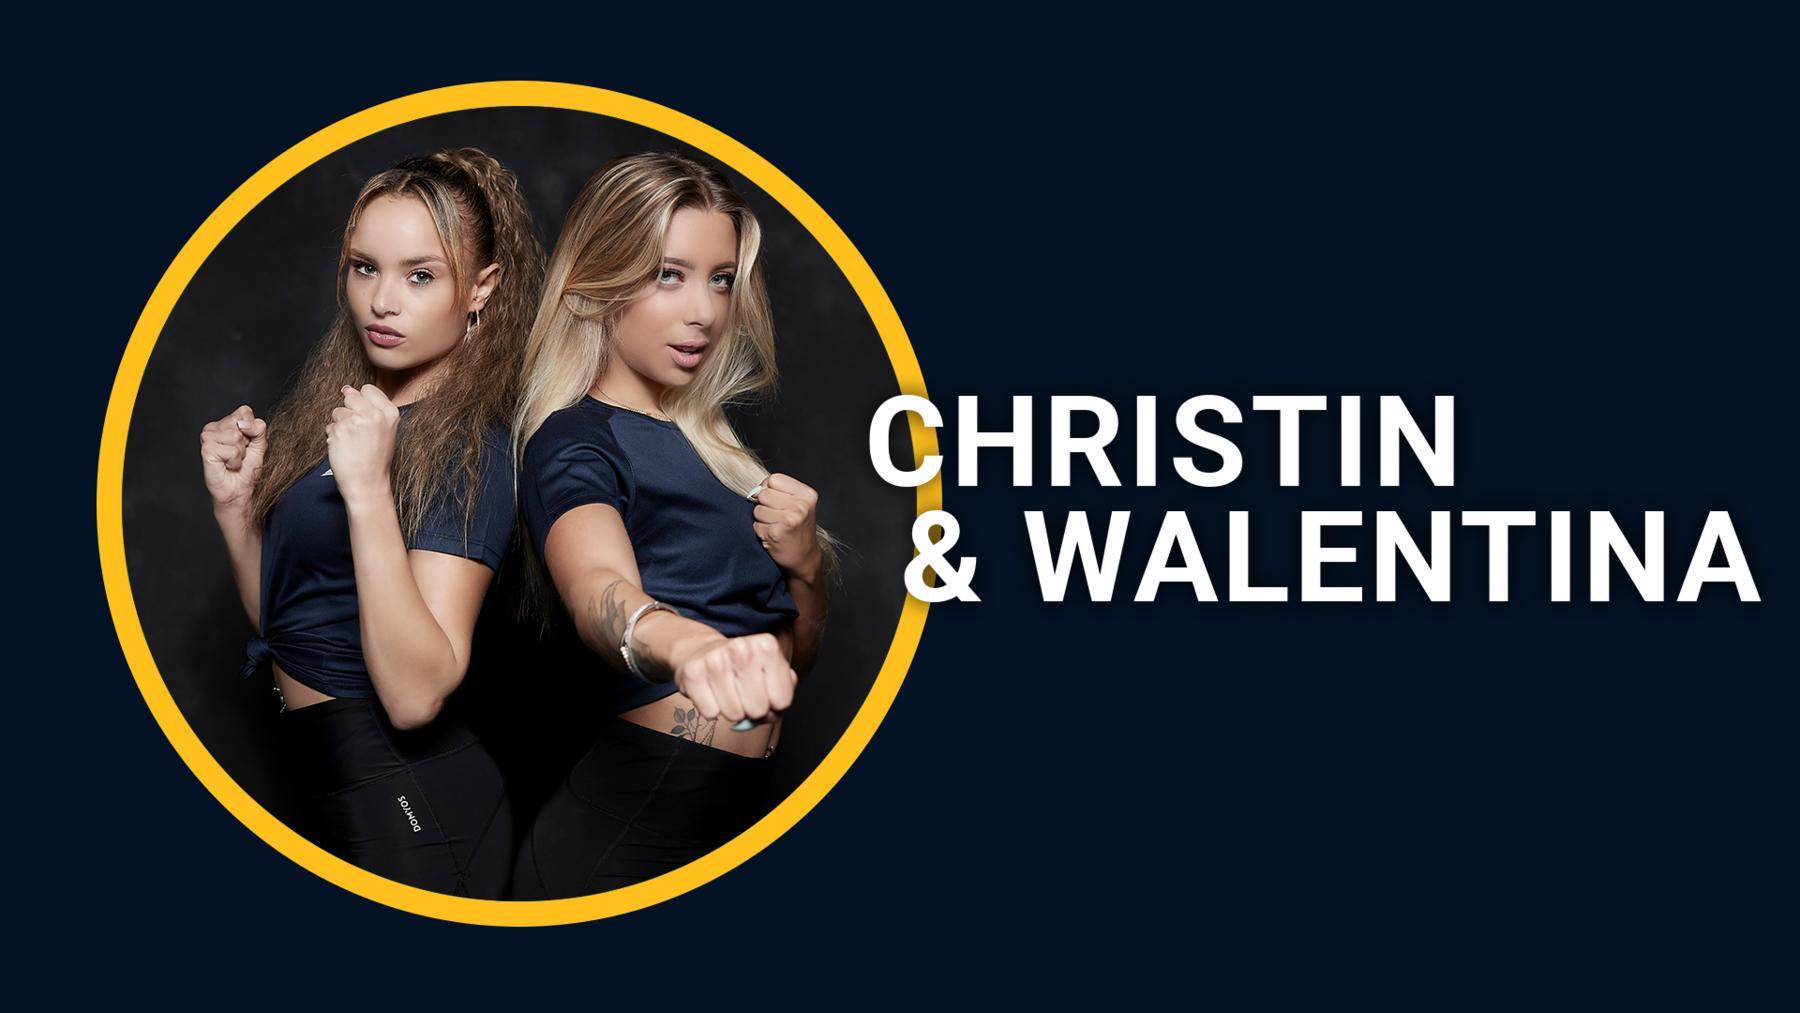 Christin & Walentina